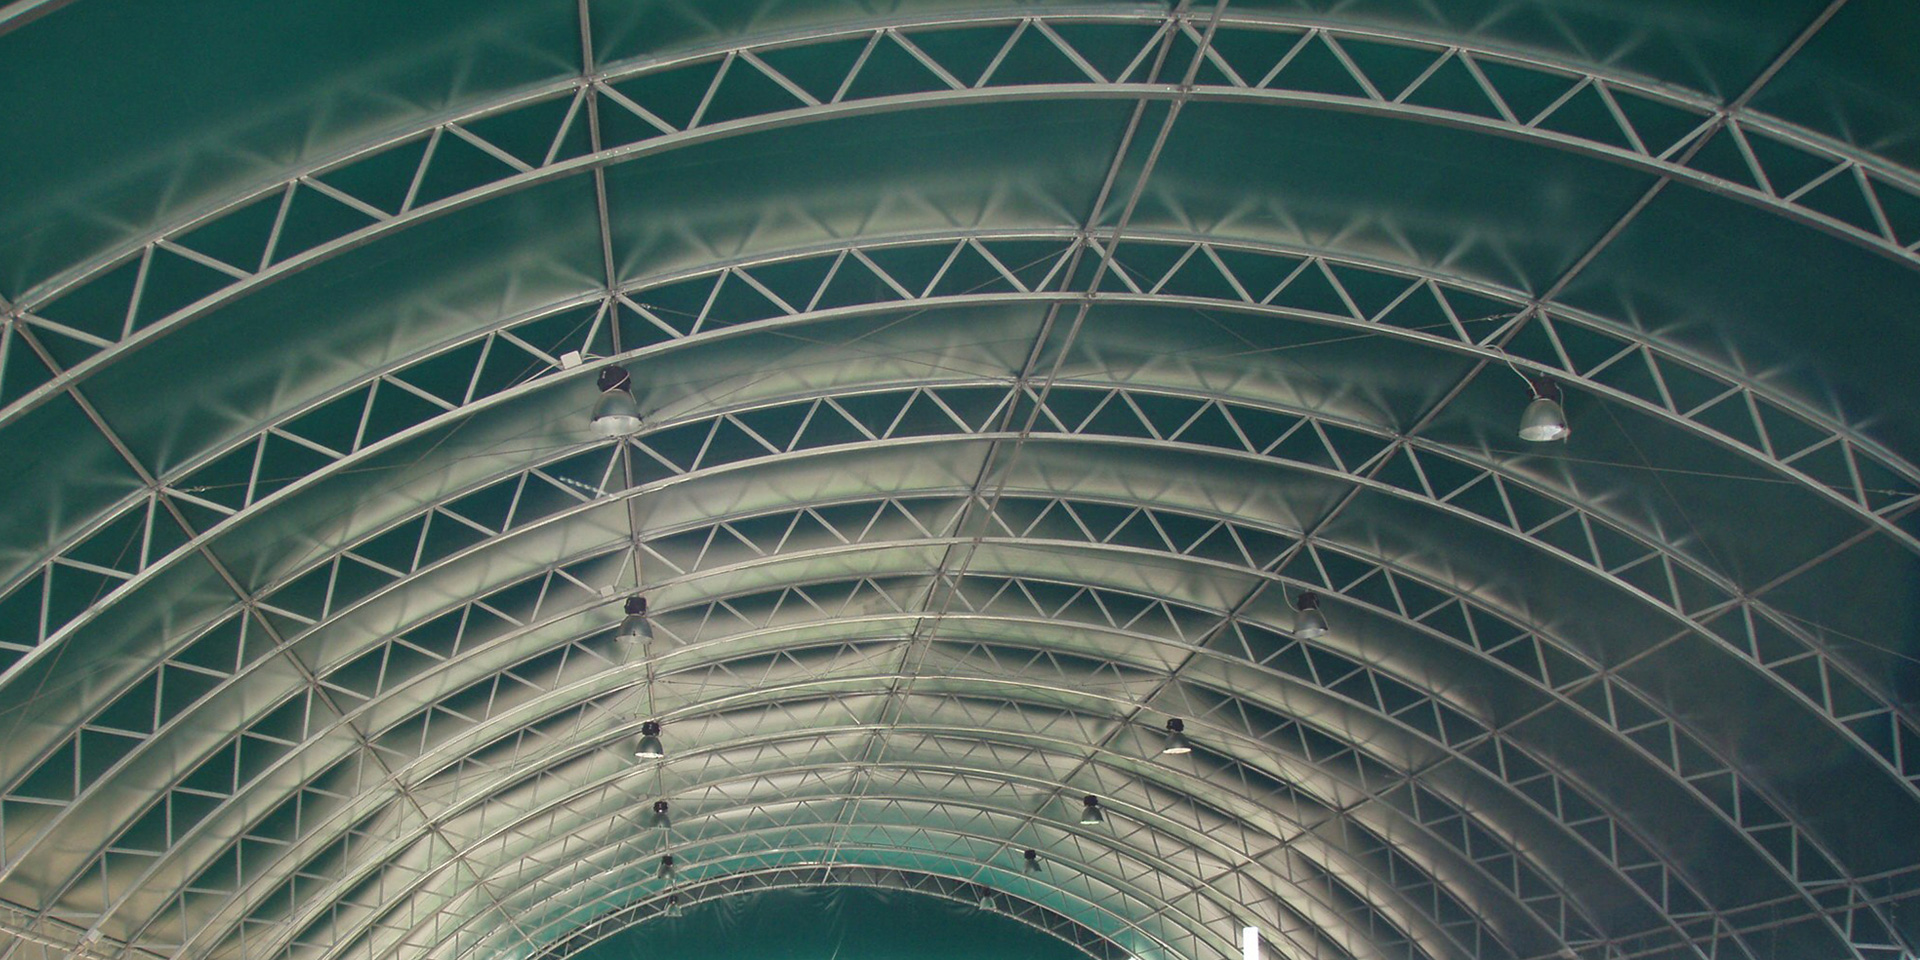 Centro ippico in Val d'Enza, Binini Partners, Società di architettura e ingegneria